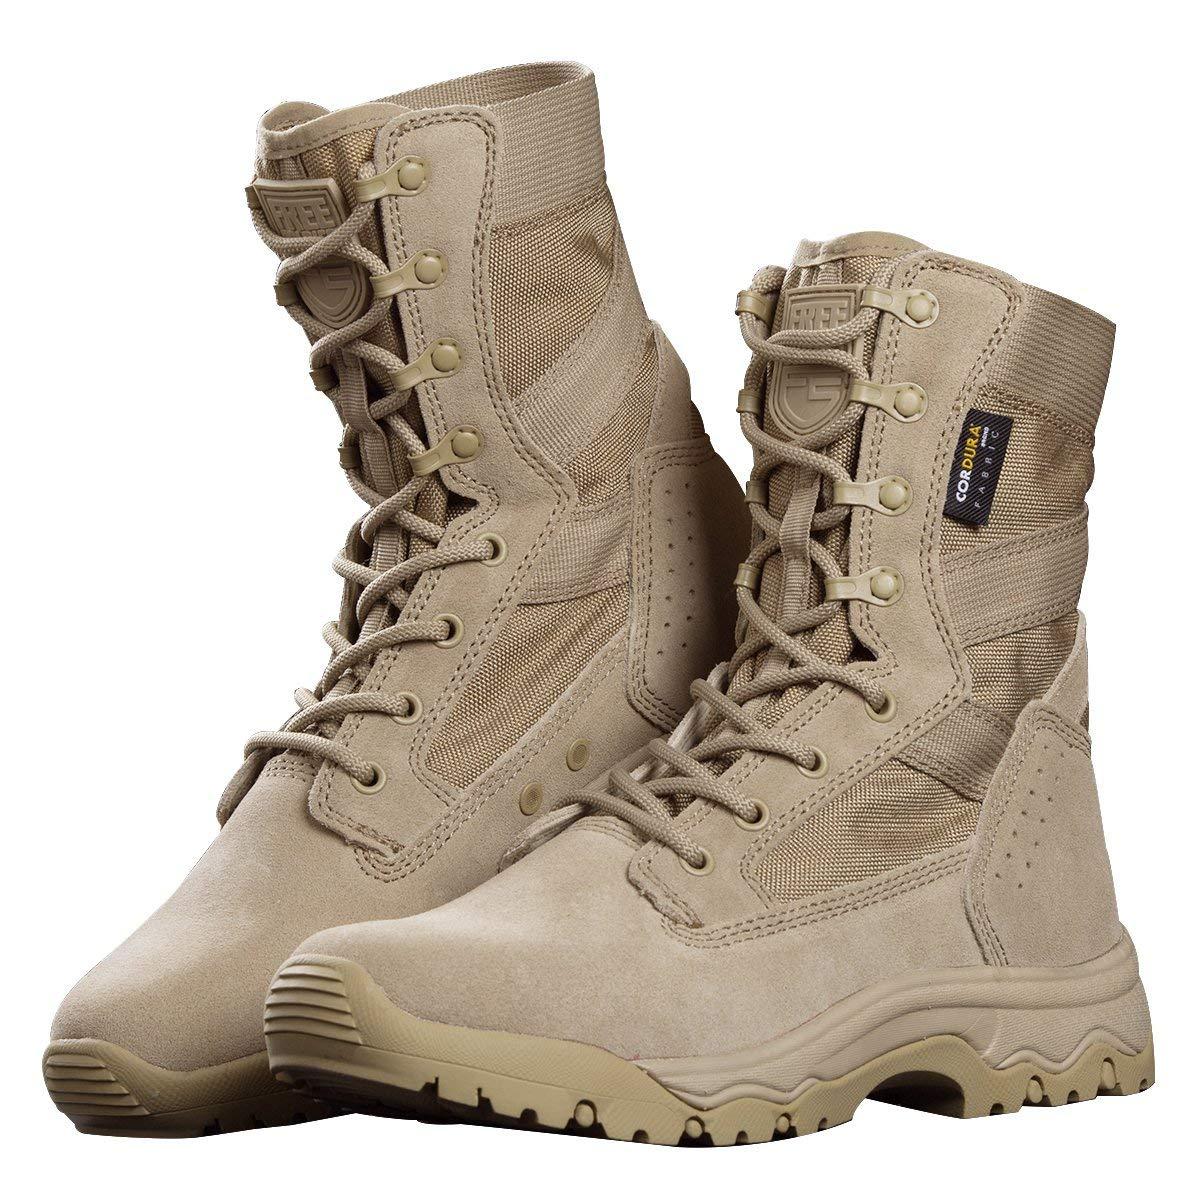 efca3ab4a1c Cheap Best Lightweight Boots, find Best Lightweight Boots deals on ...